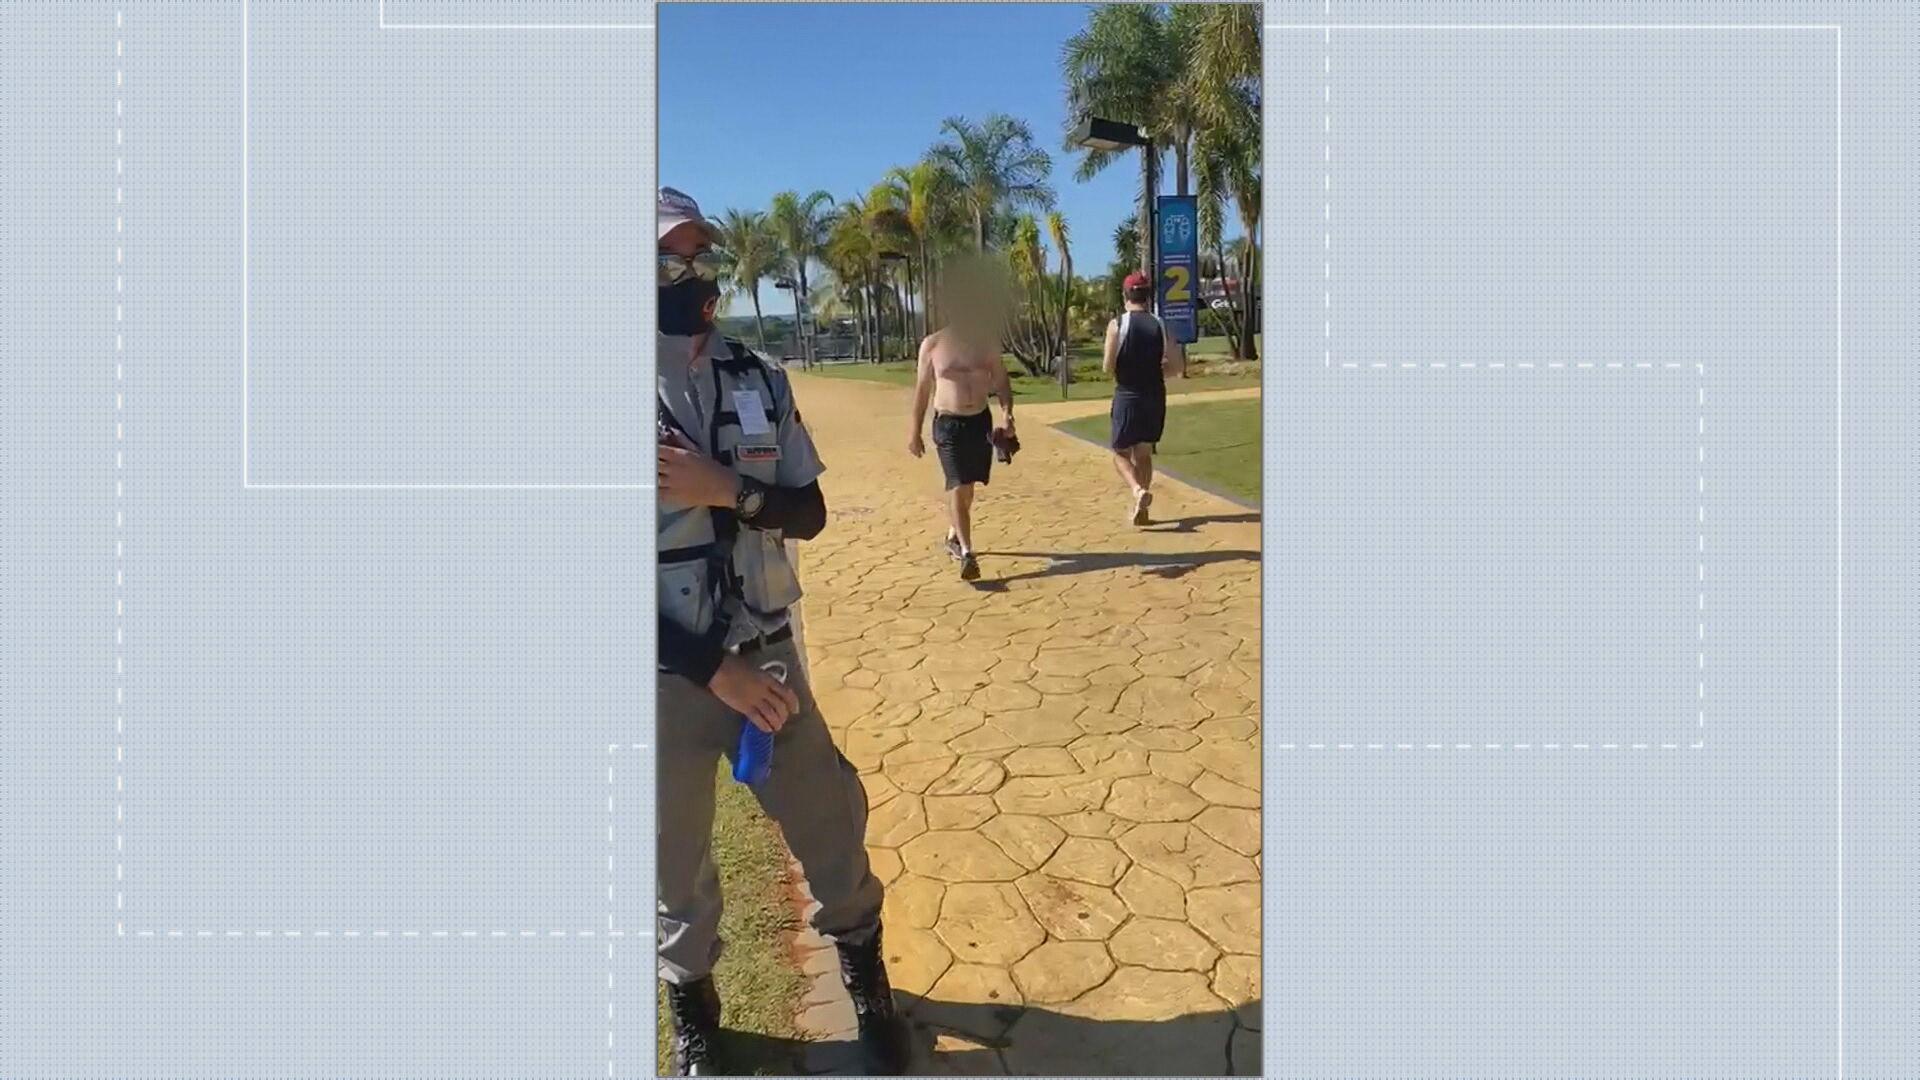 VÍDEO: mulher é repreendida por segurança ao usar a parte de cima do biquíni no Pontão do Lago Sul, em Brasília